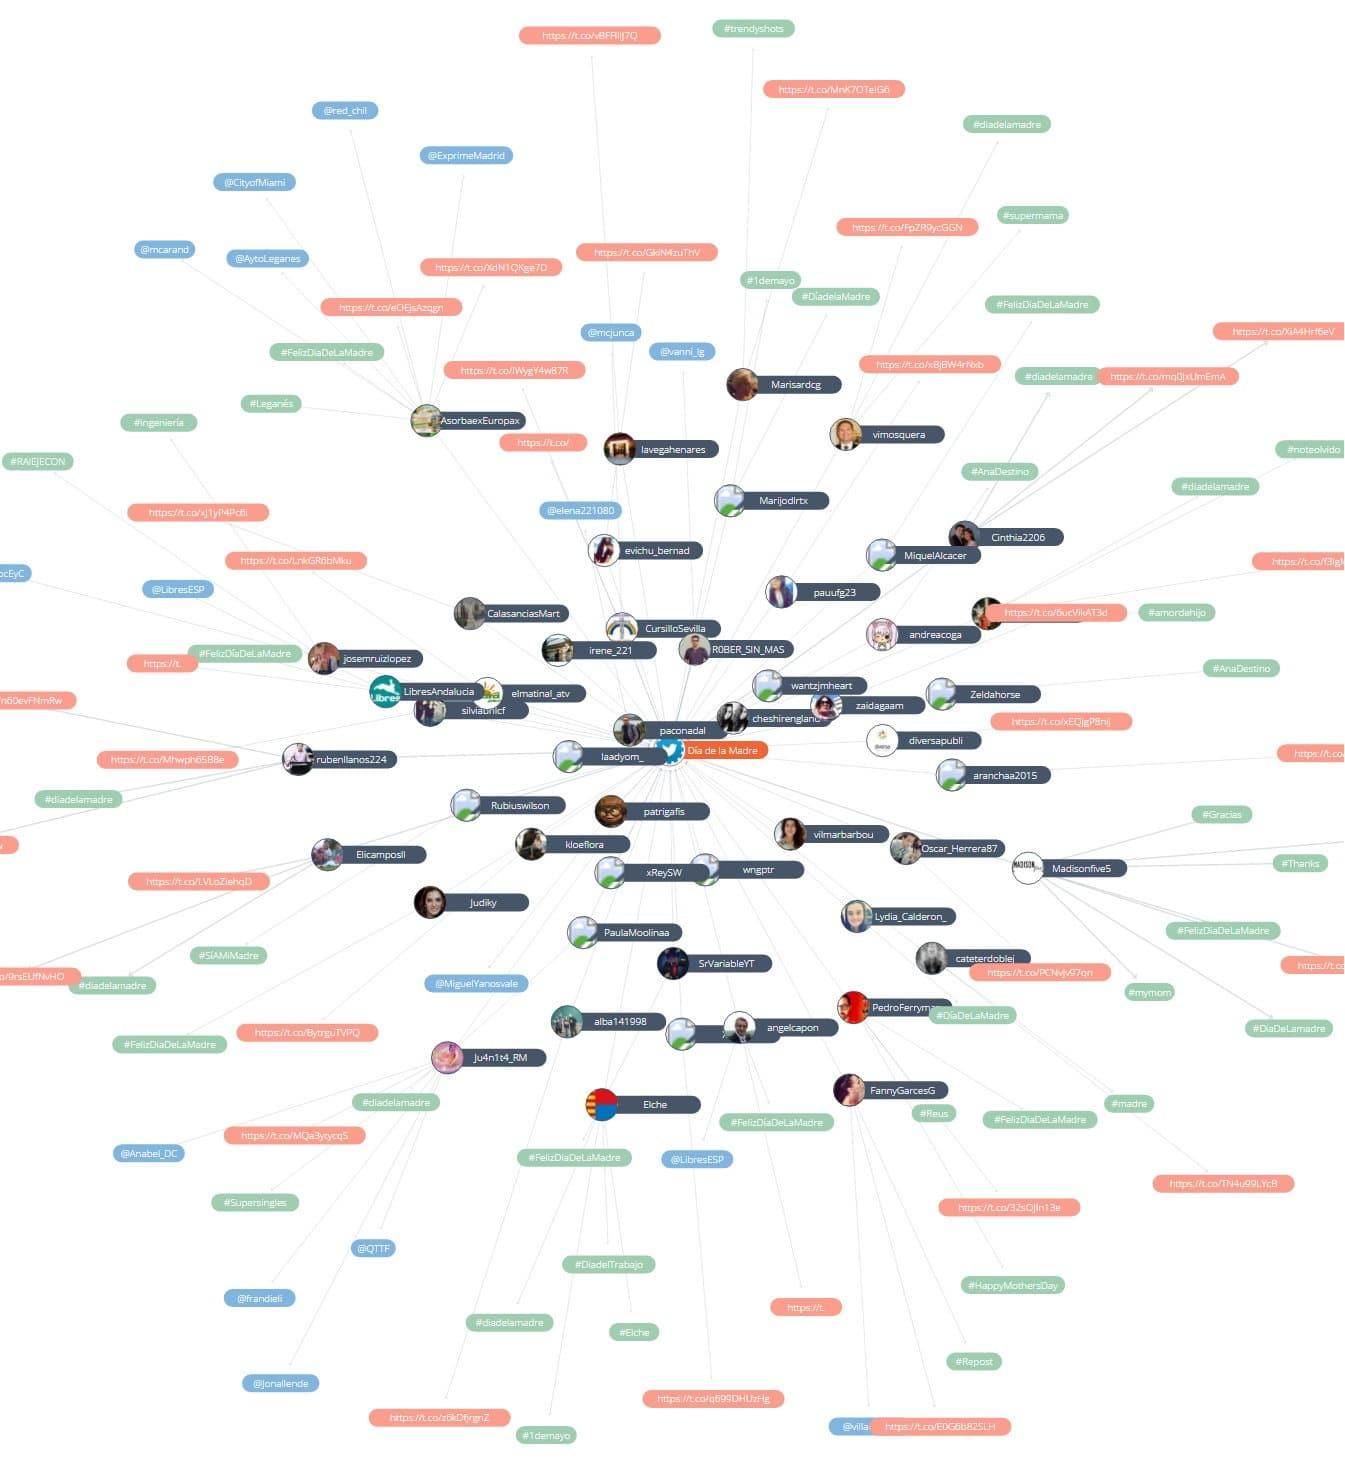 Mapa de relaciones Atribus